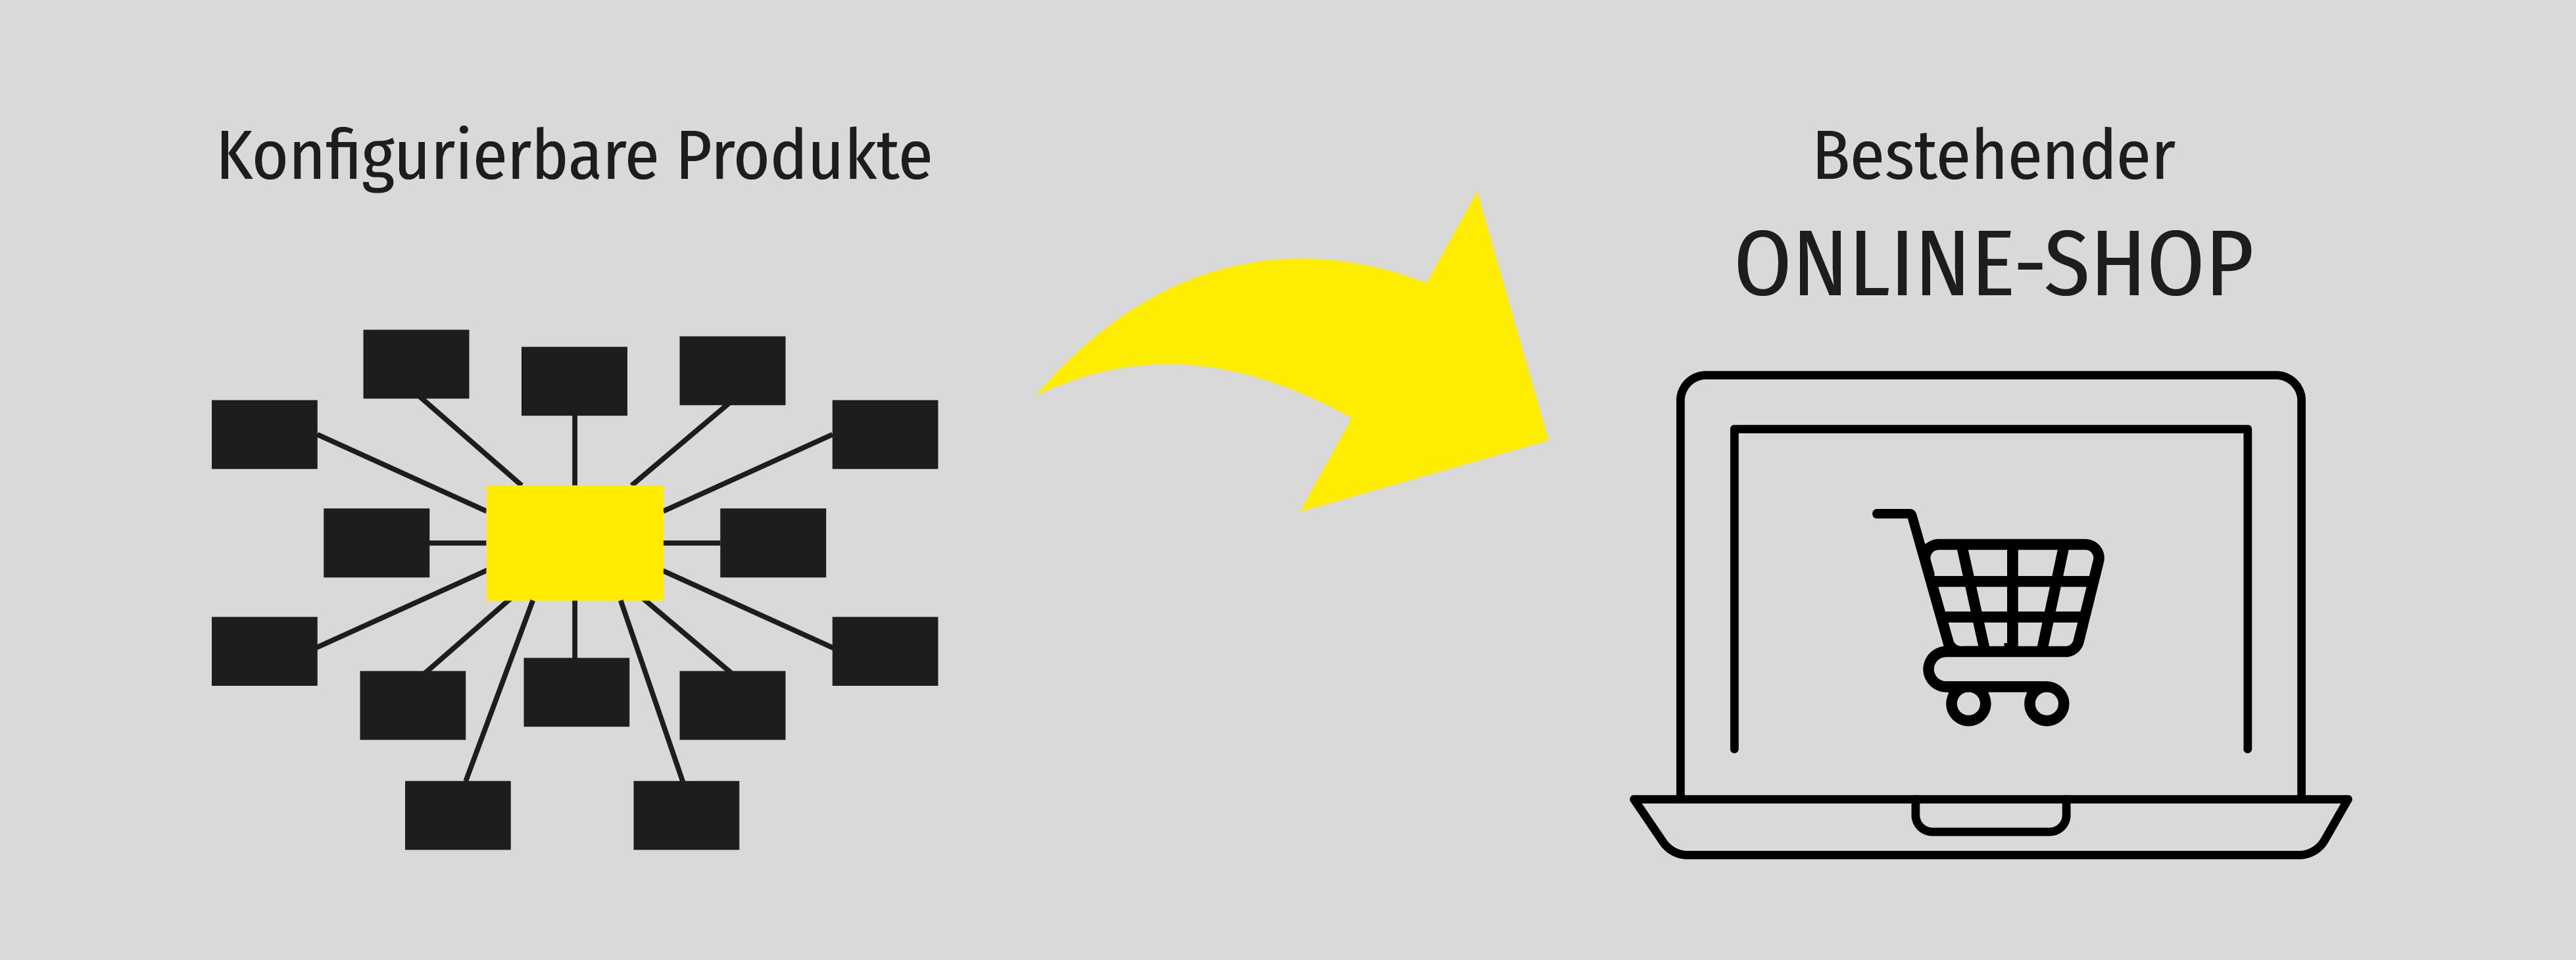 Artikelbild konfigurierbare Produkte Online-Shop